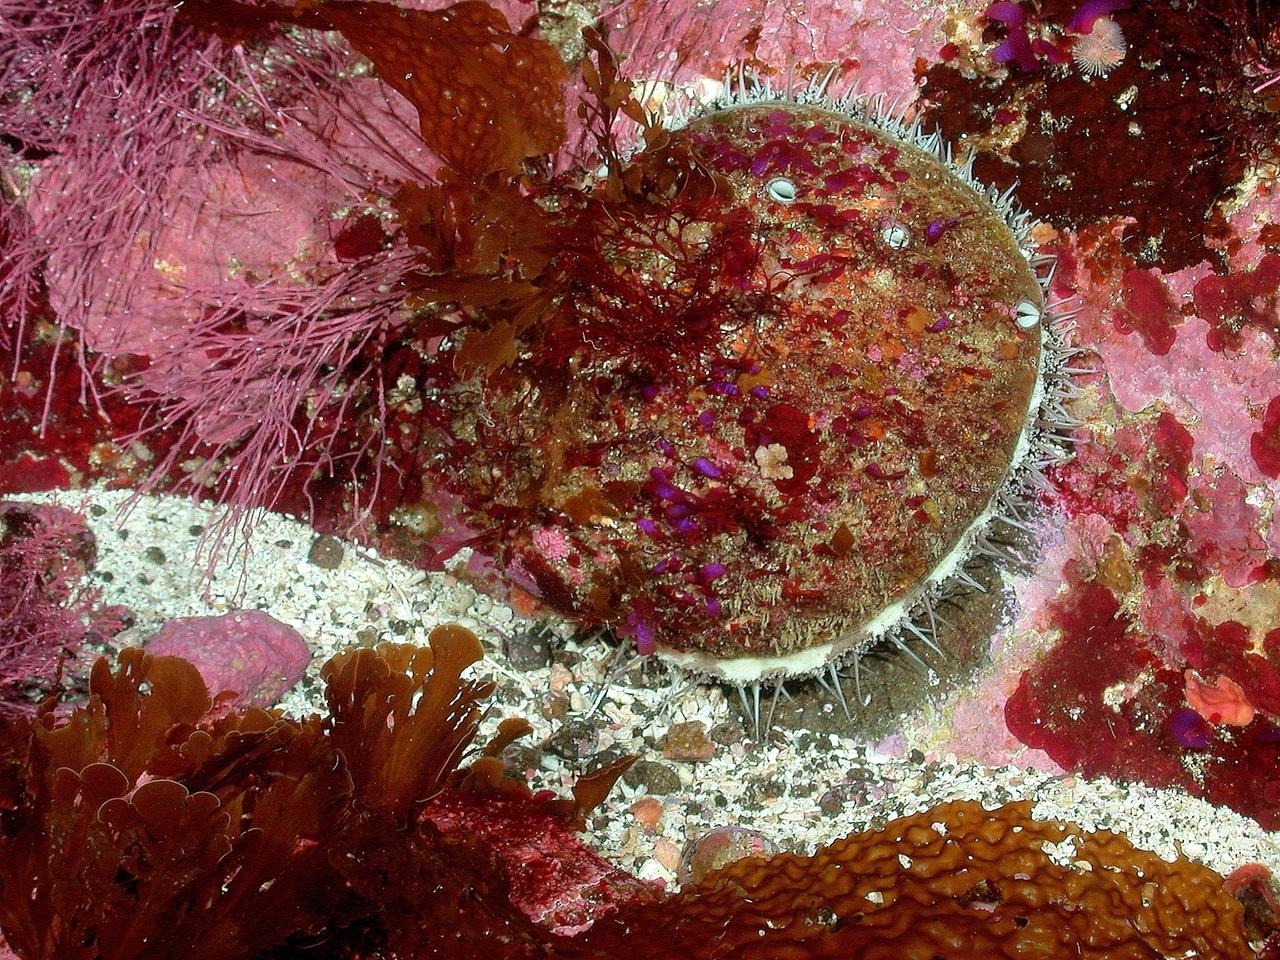 white_abalone photo david witting NOAA.jpg